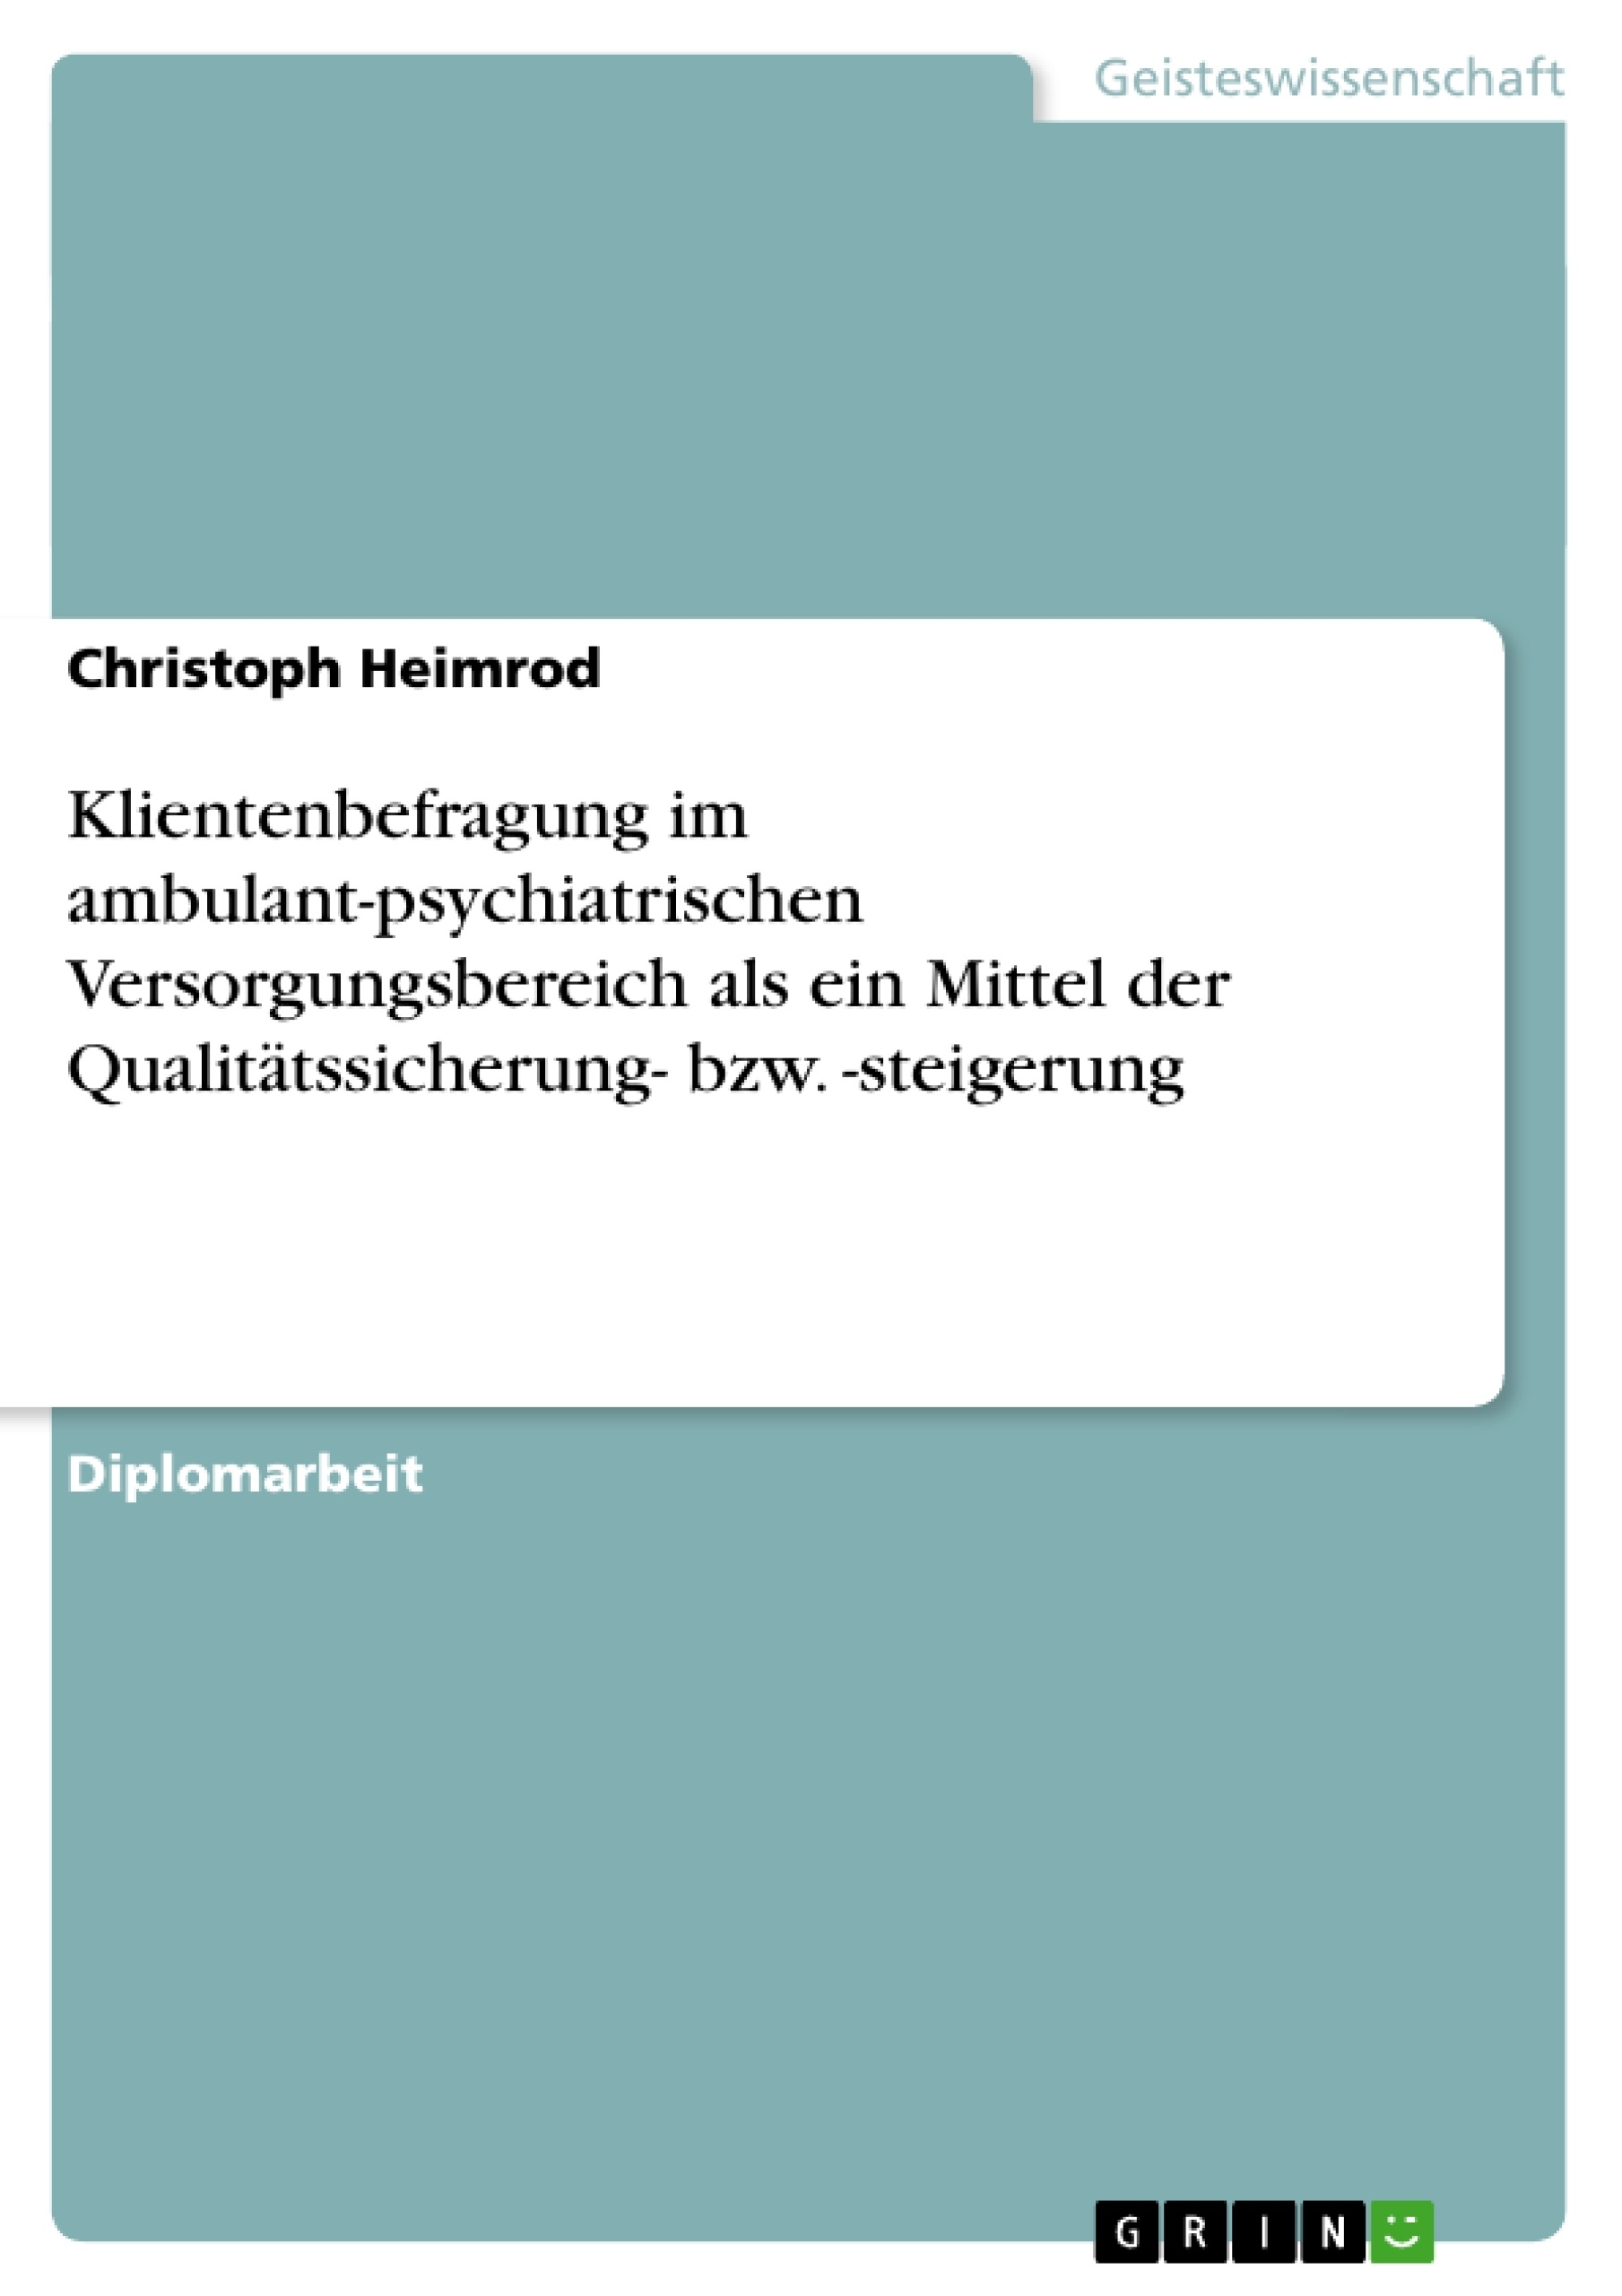 Titel: Klientenbefragung im ambulant-psychiatrischen Versorgungsbereich als ein Mittel der Qualitätssicherung- bzw. -steigerung